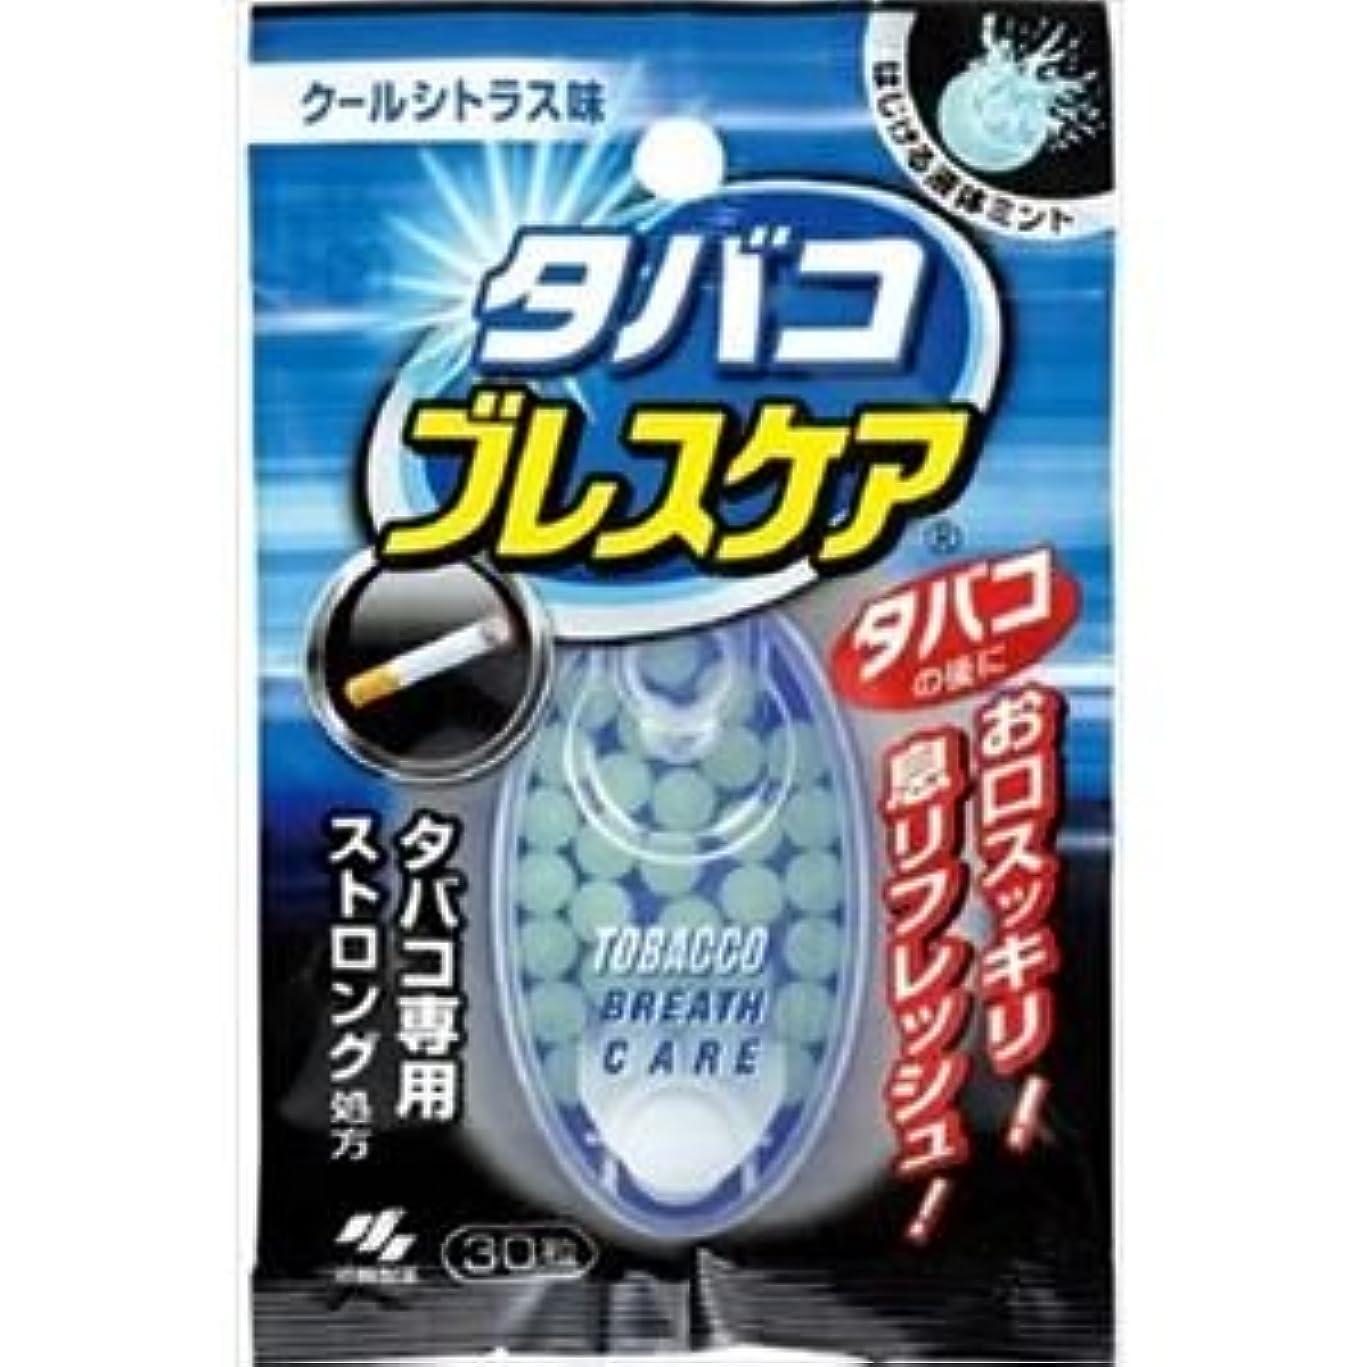 試用偽予知(まとめ)小林製薬 タバコブレスケア 30粒 【×6点セット】